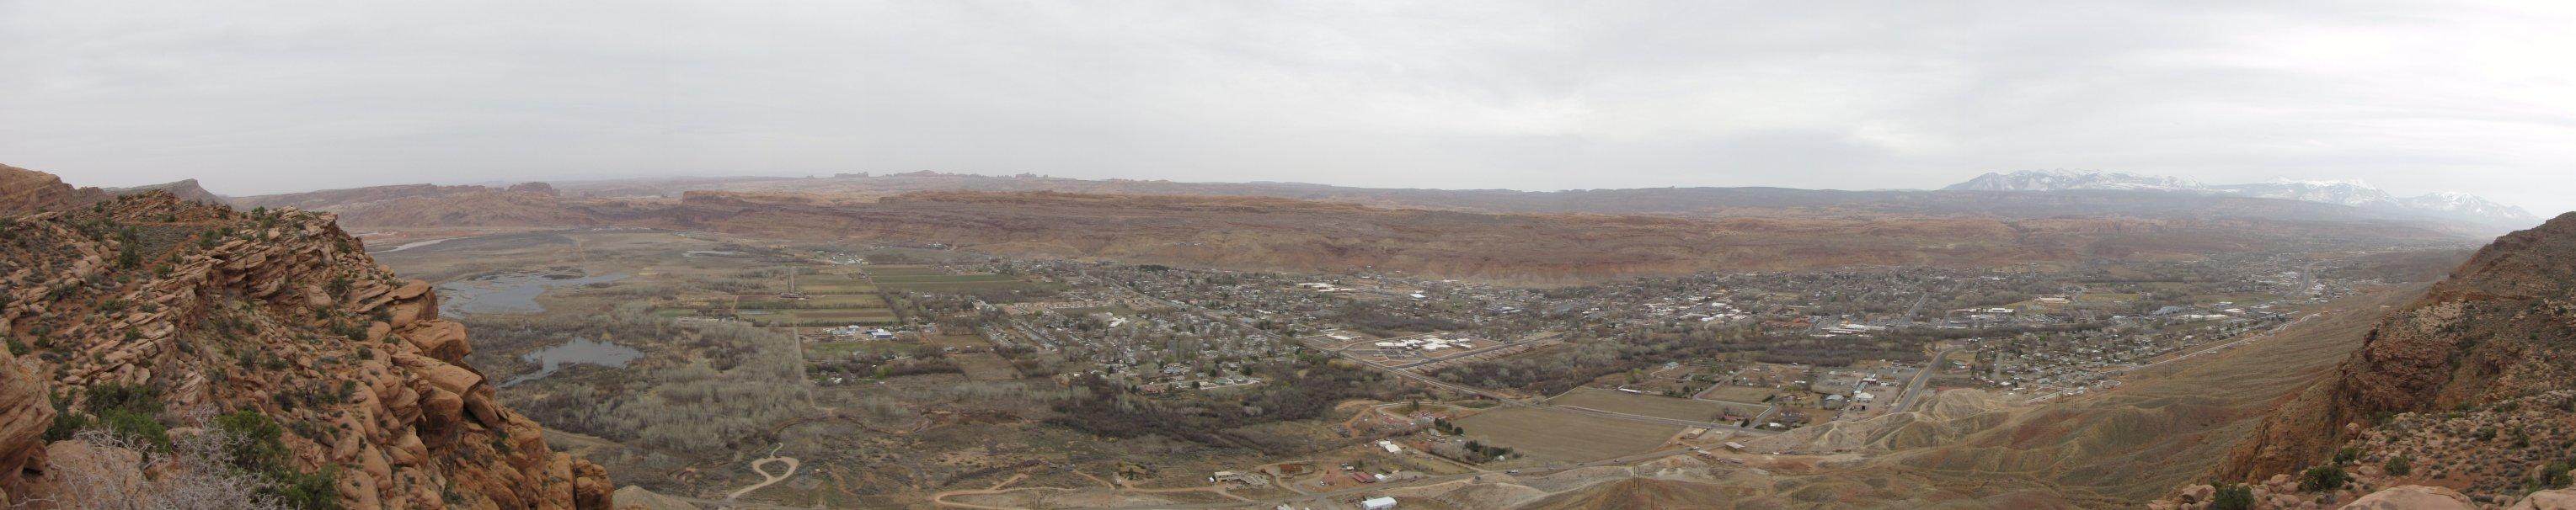 moab-rim-2.jpg